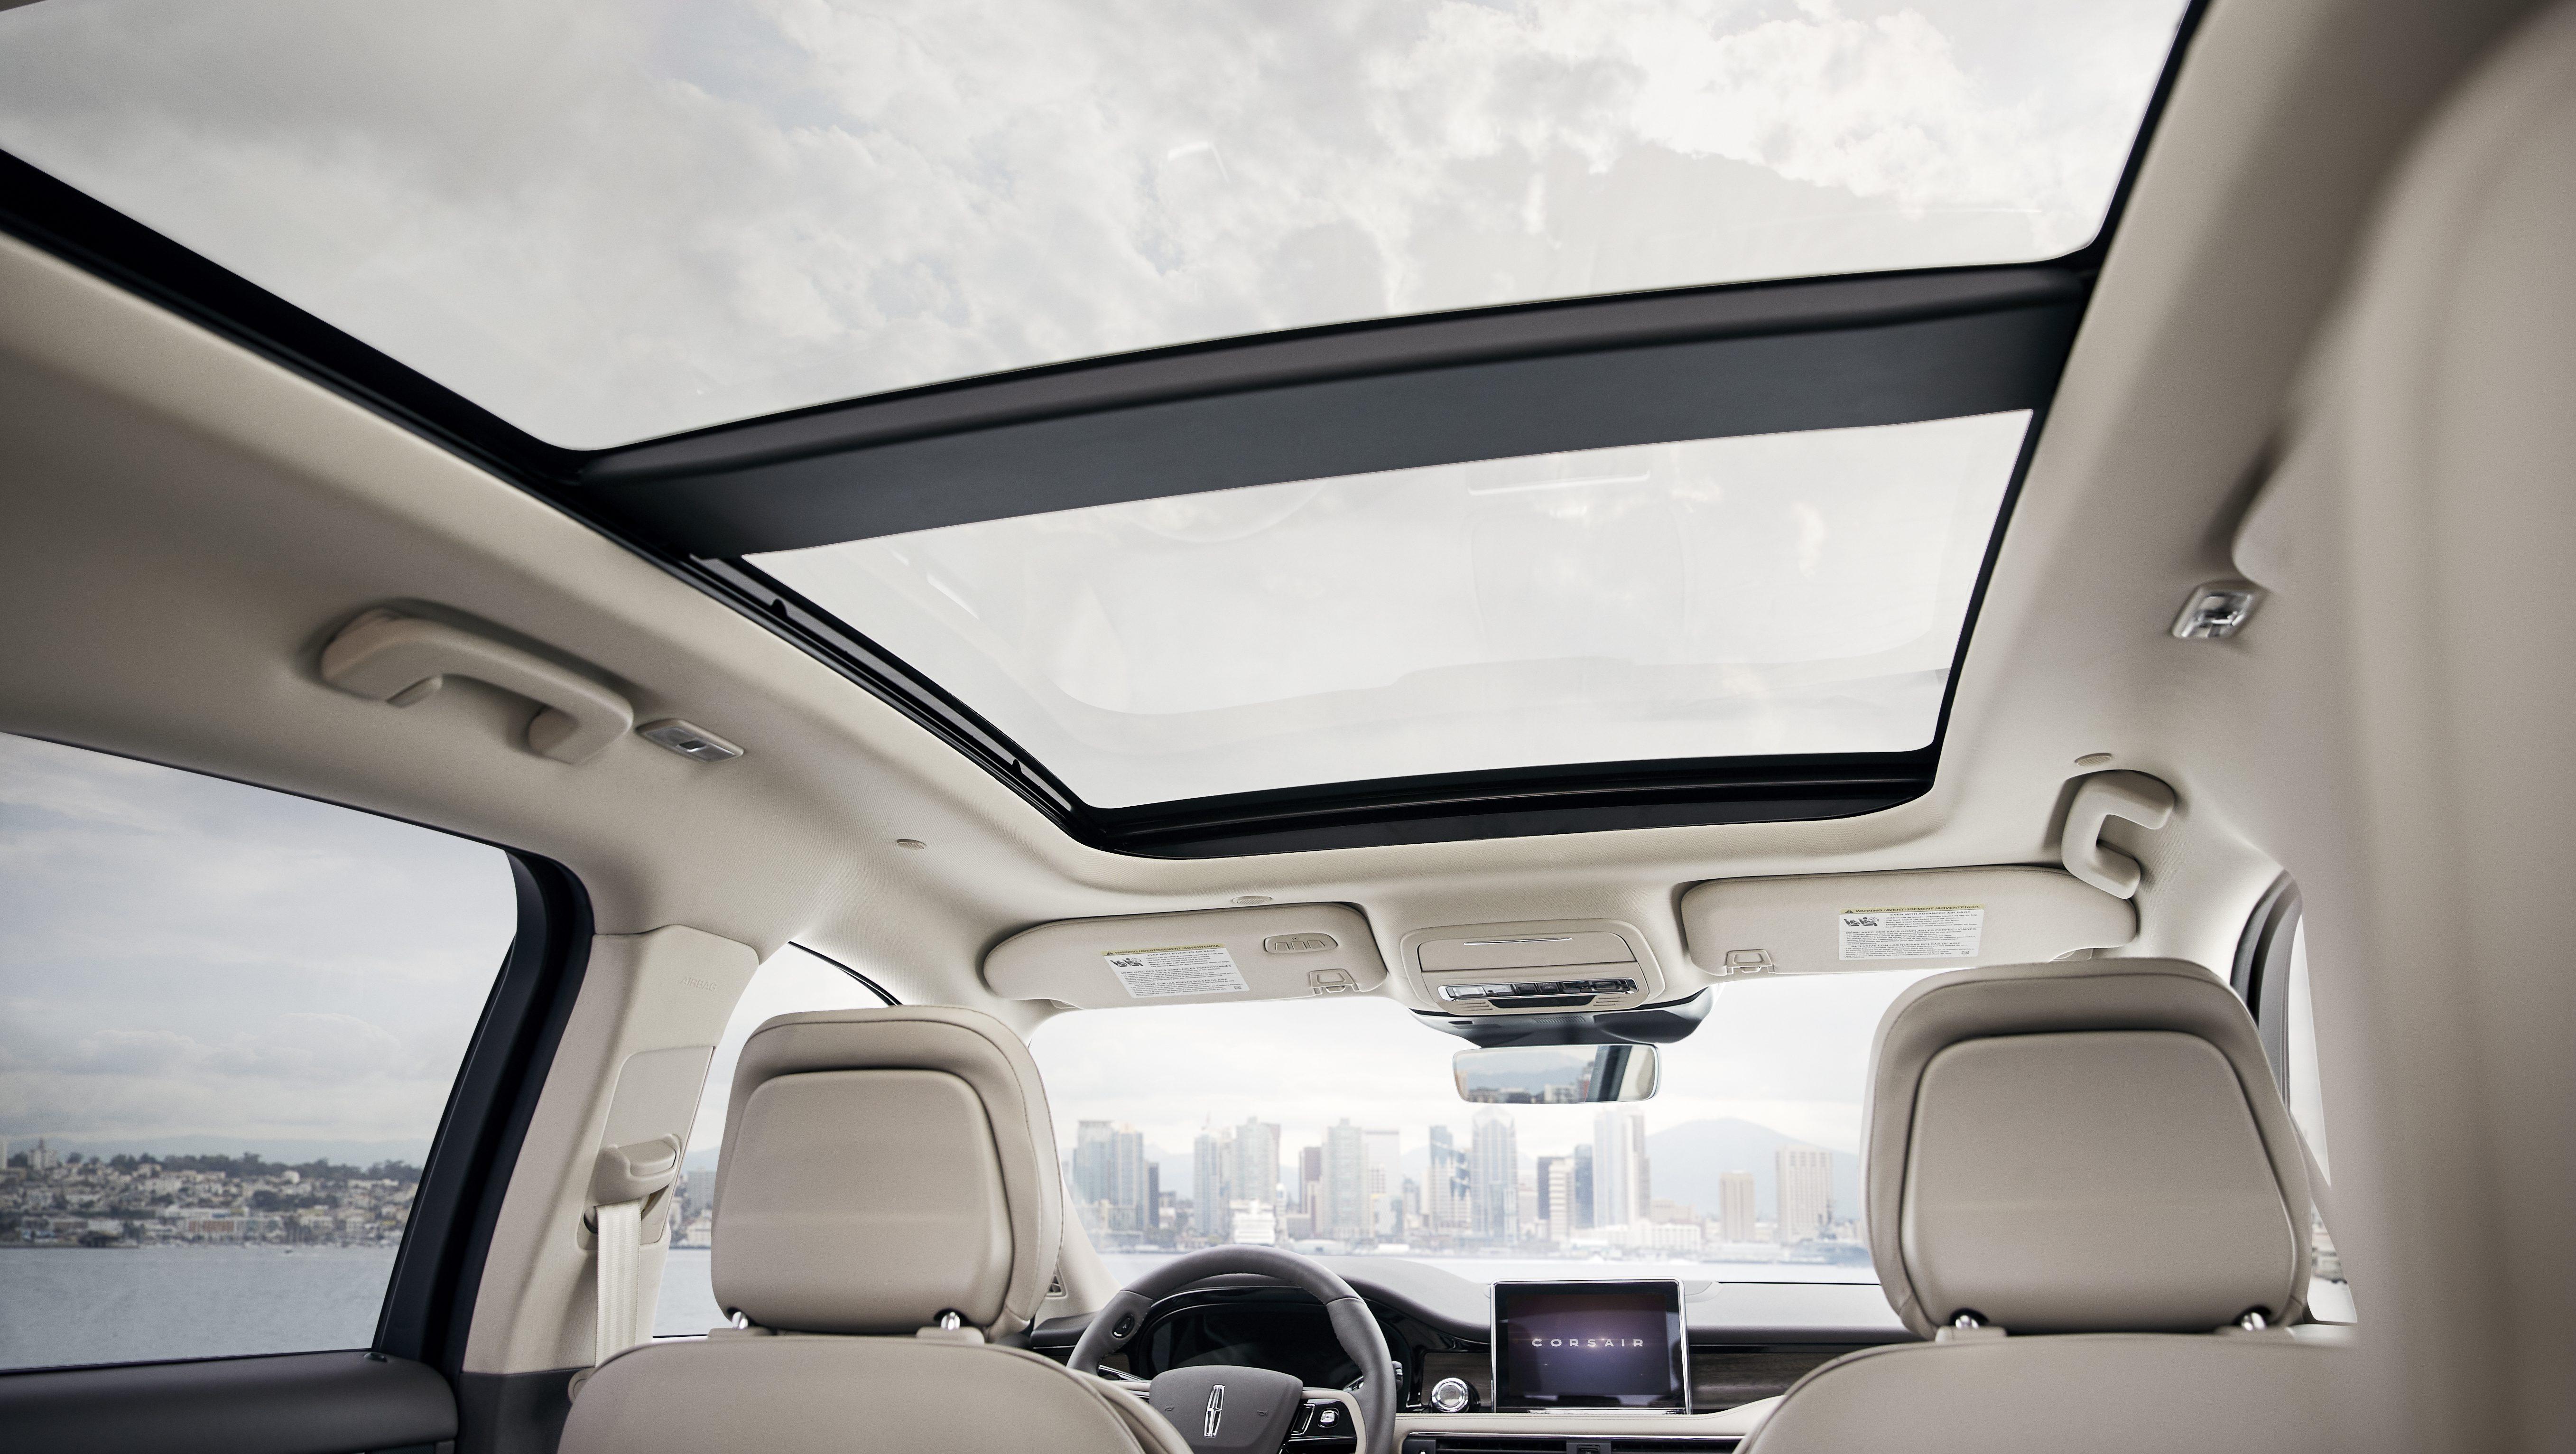 2020 Lincoln Corsair windows.